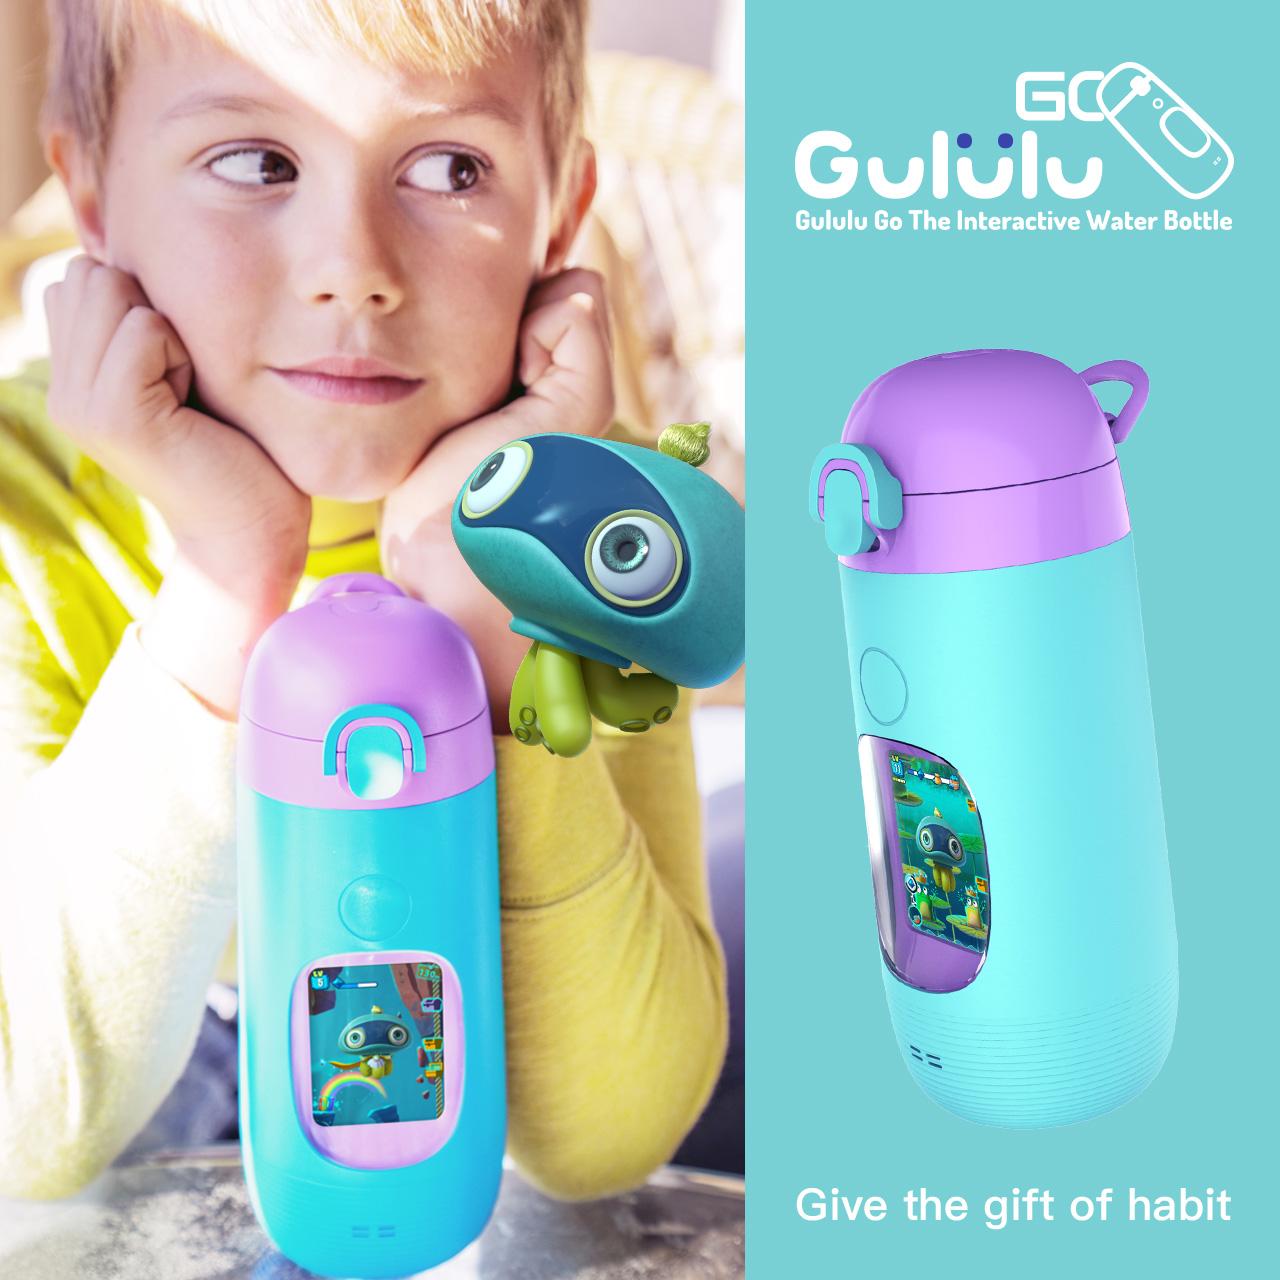 342CE286 9D75 8B1F 0FFC D931F98F7105 - La bouteille qui parle aux enfants pour leur faire boire de l'eau